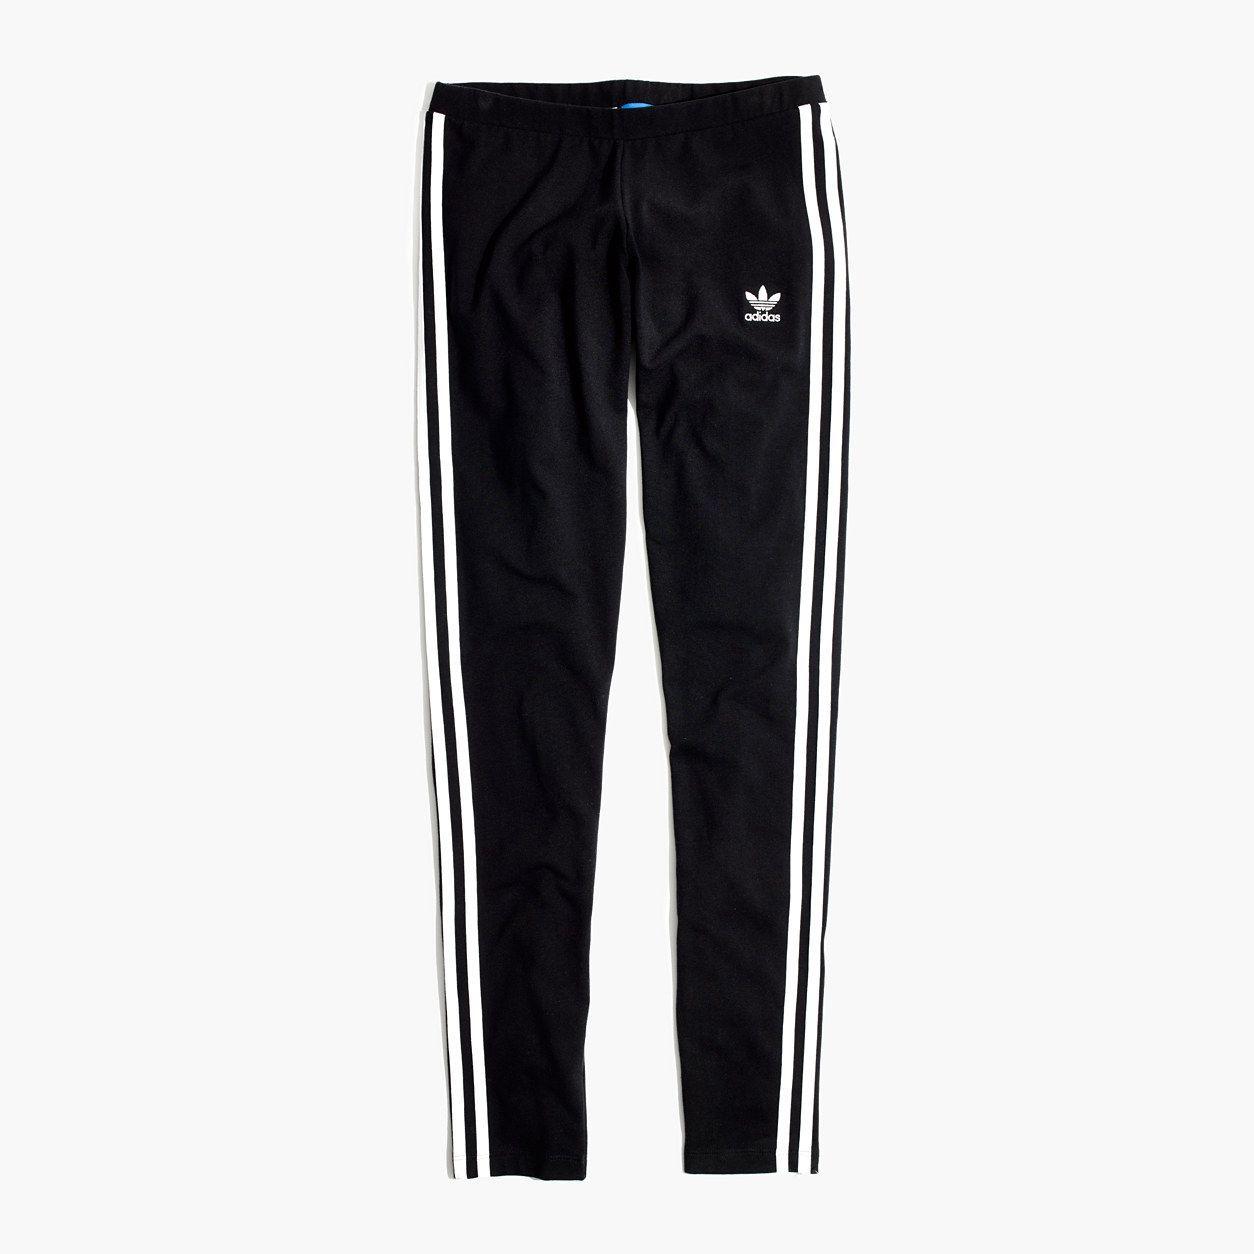 Madewell Womens Adidas Originals 3-Stripes Leggings